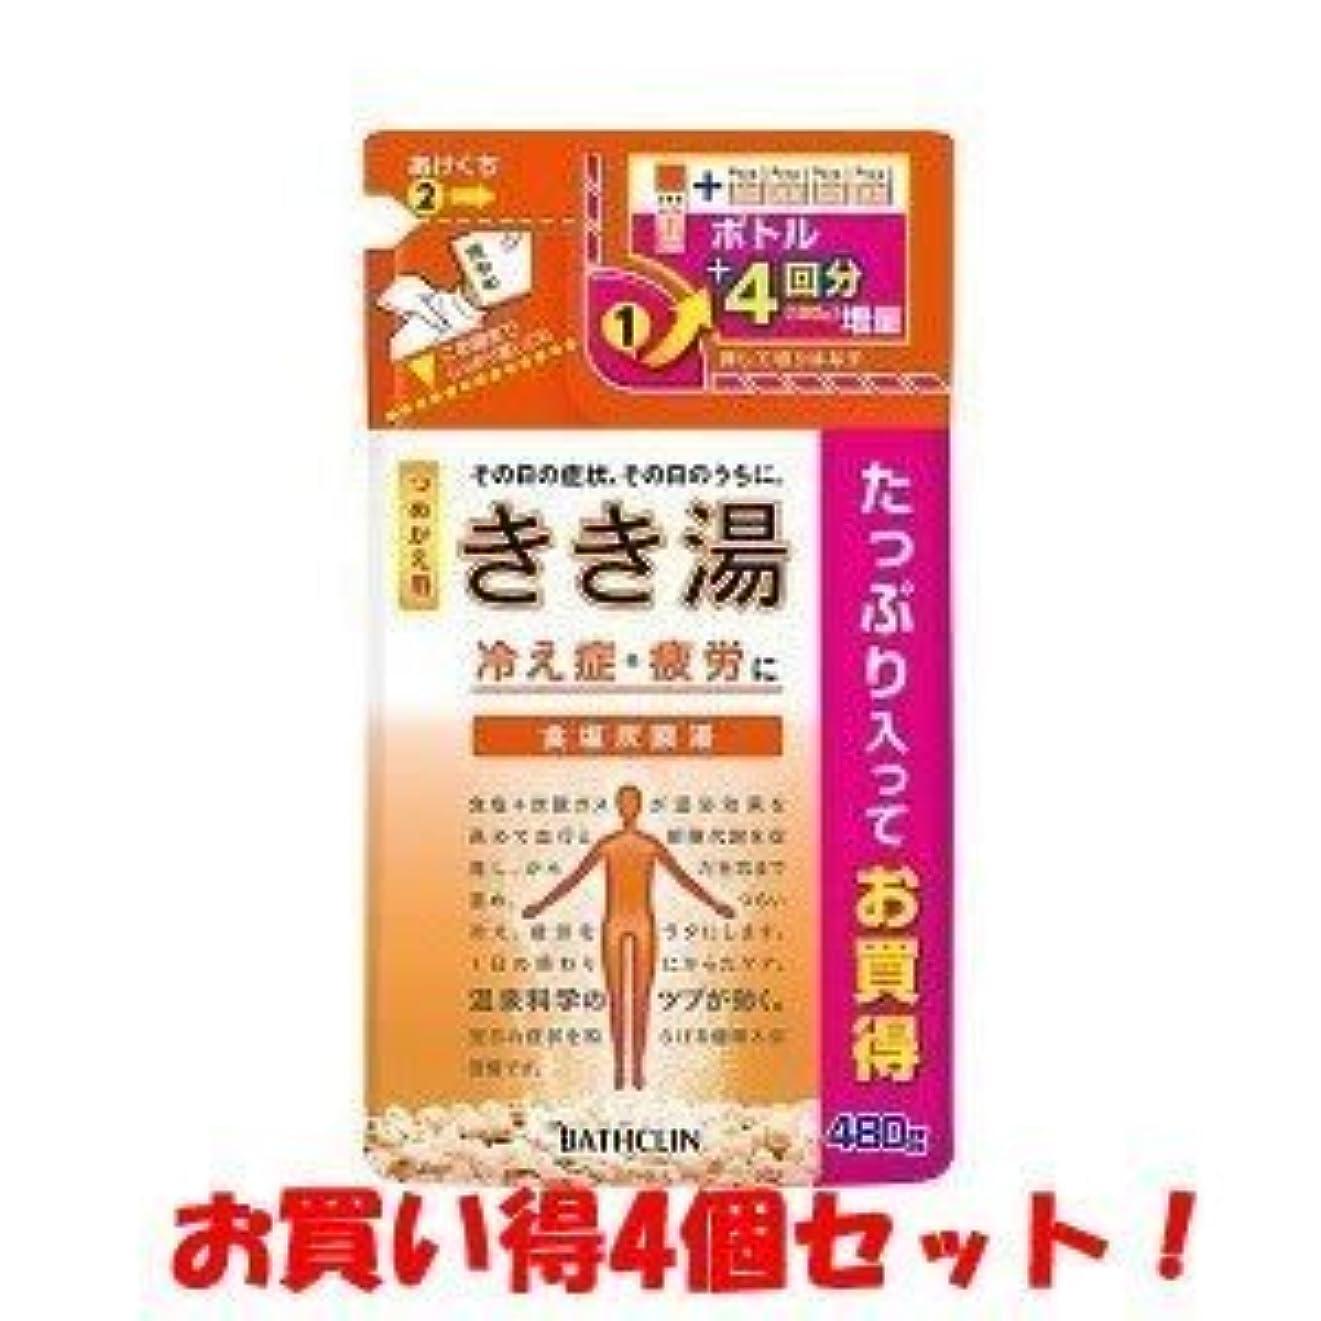 スライム検体家庭教師(バスクリン)きき湯 食塩炭酸湯 つめかえ用 480g(医薬部外品)(お買い得4個セット)